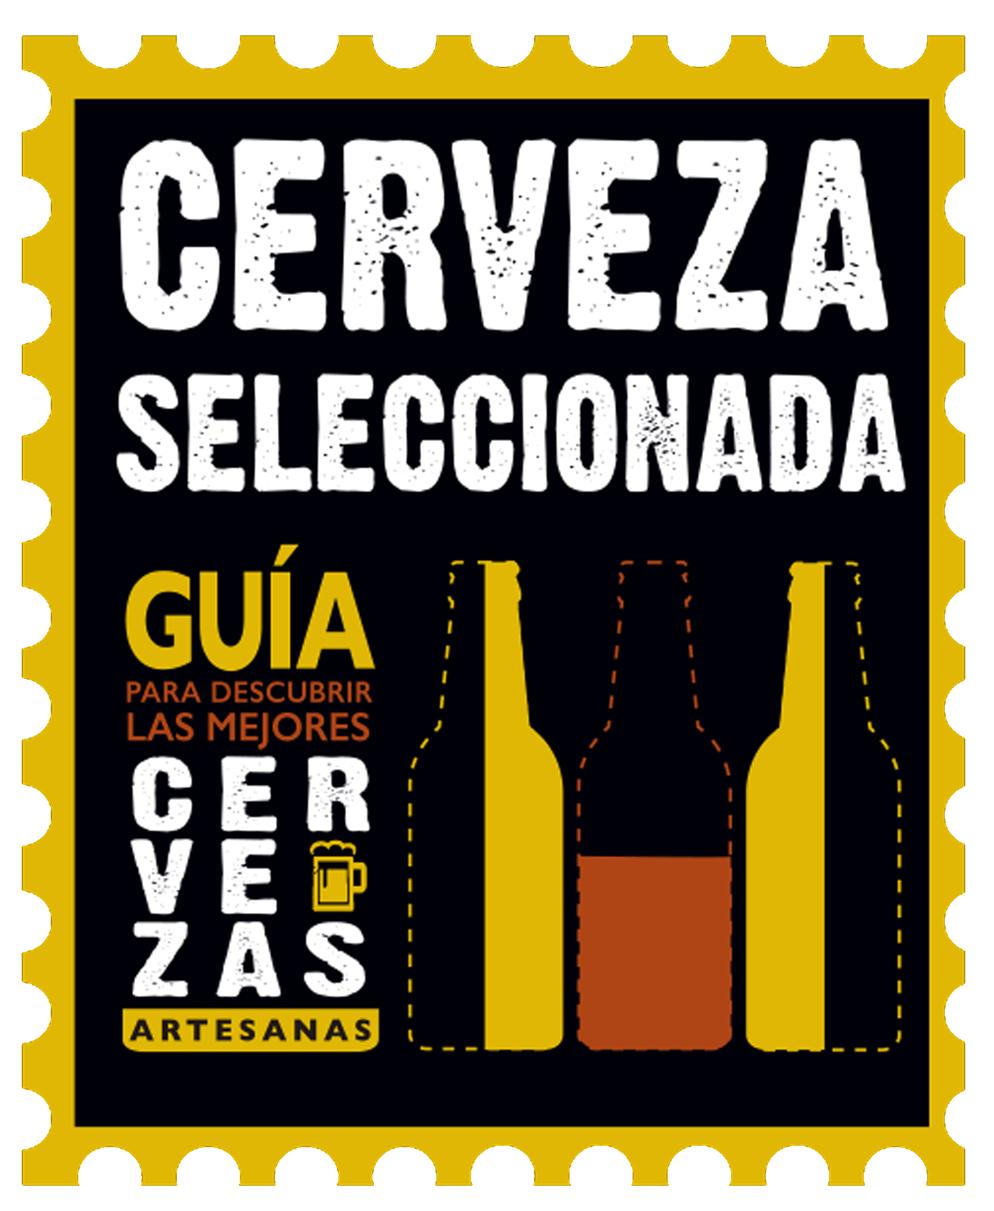 Cervexa San Xoán Natureza Premio Editorial Planeta Mellor Cervexa Artesa España